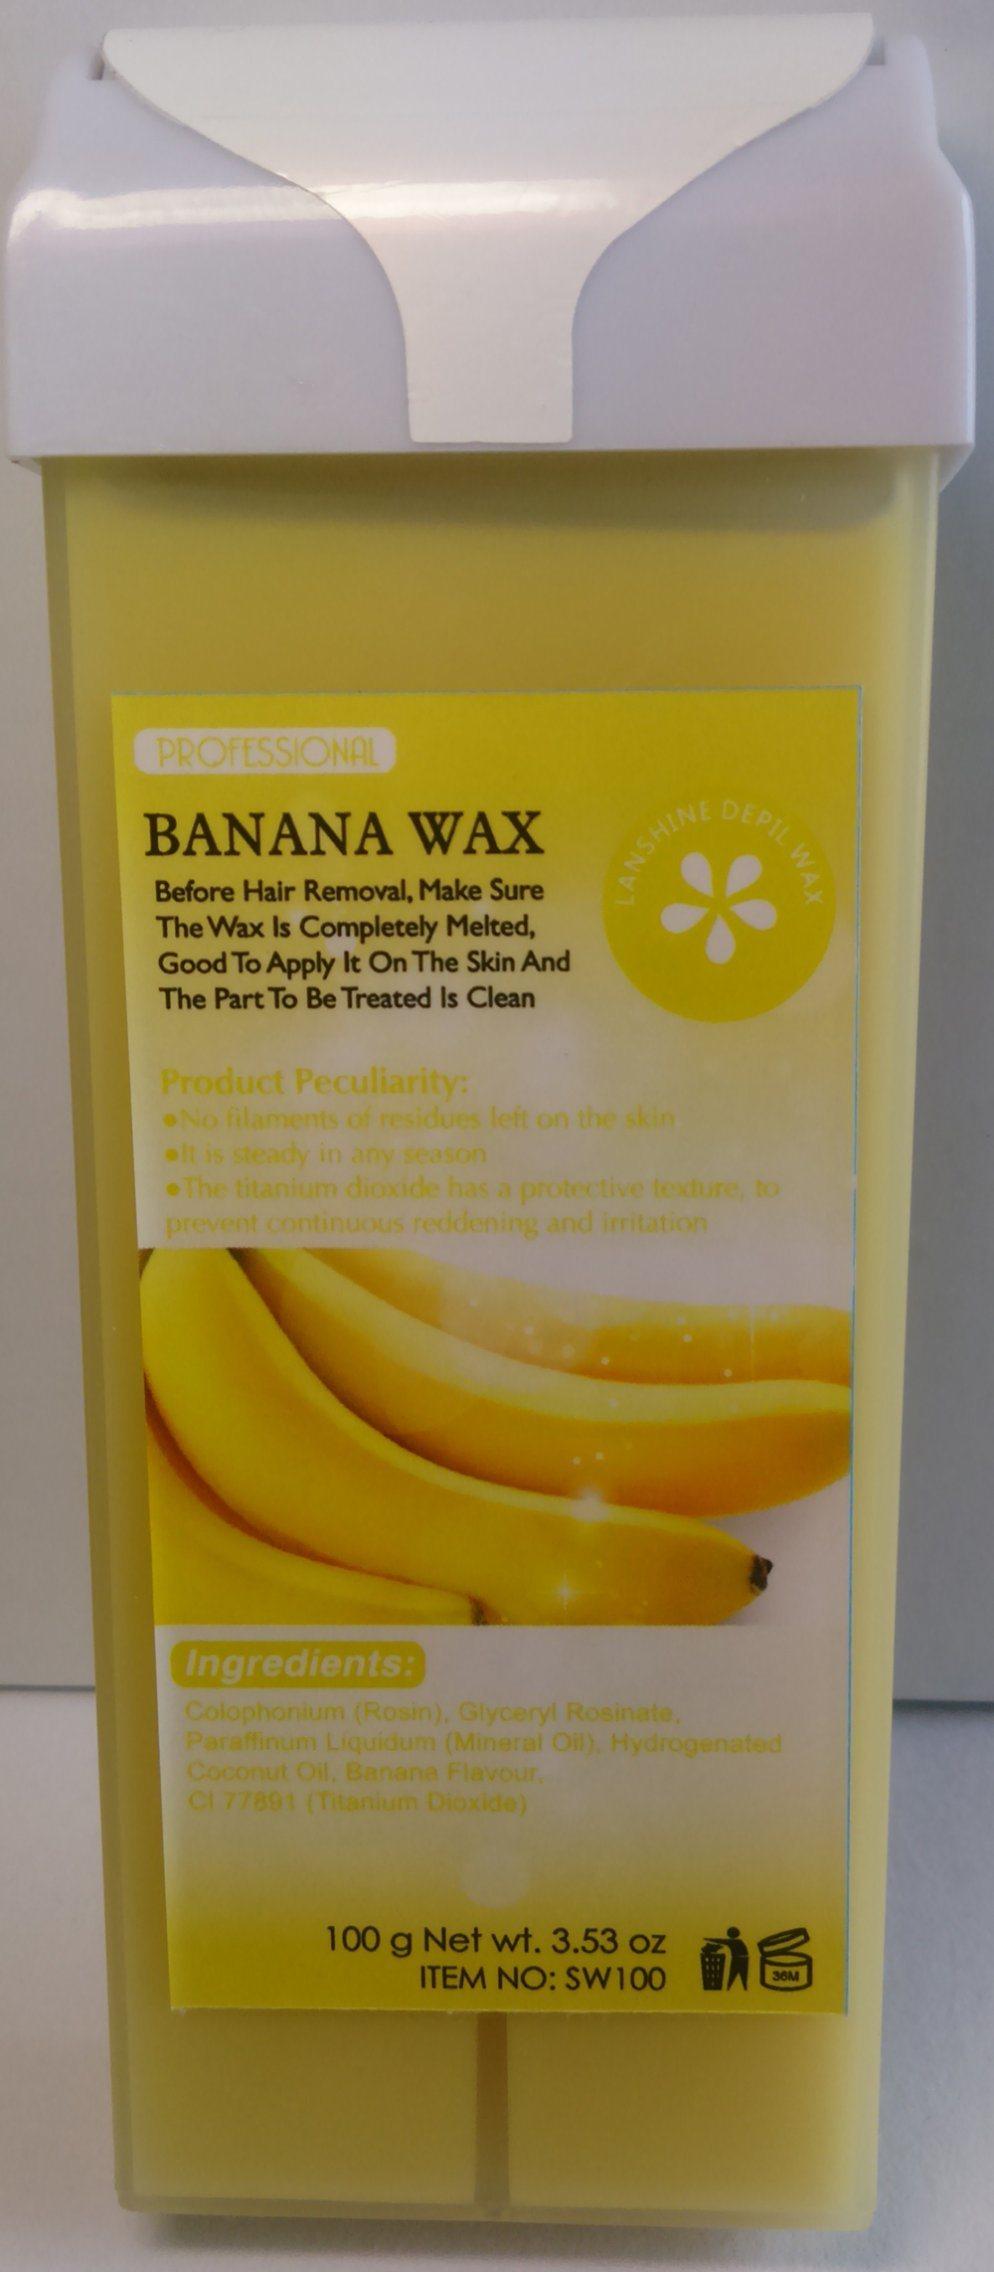 Roll-on Depilatory Wax Aloe Vera Wax